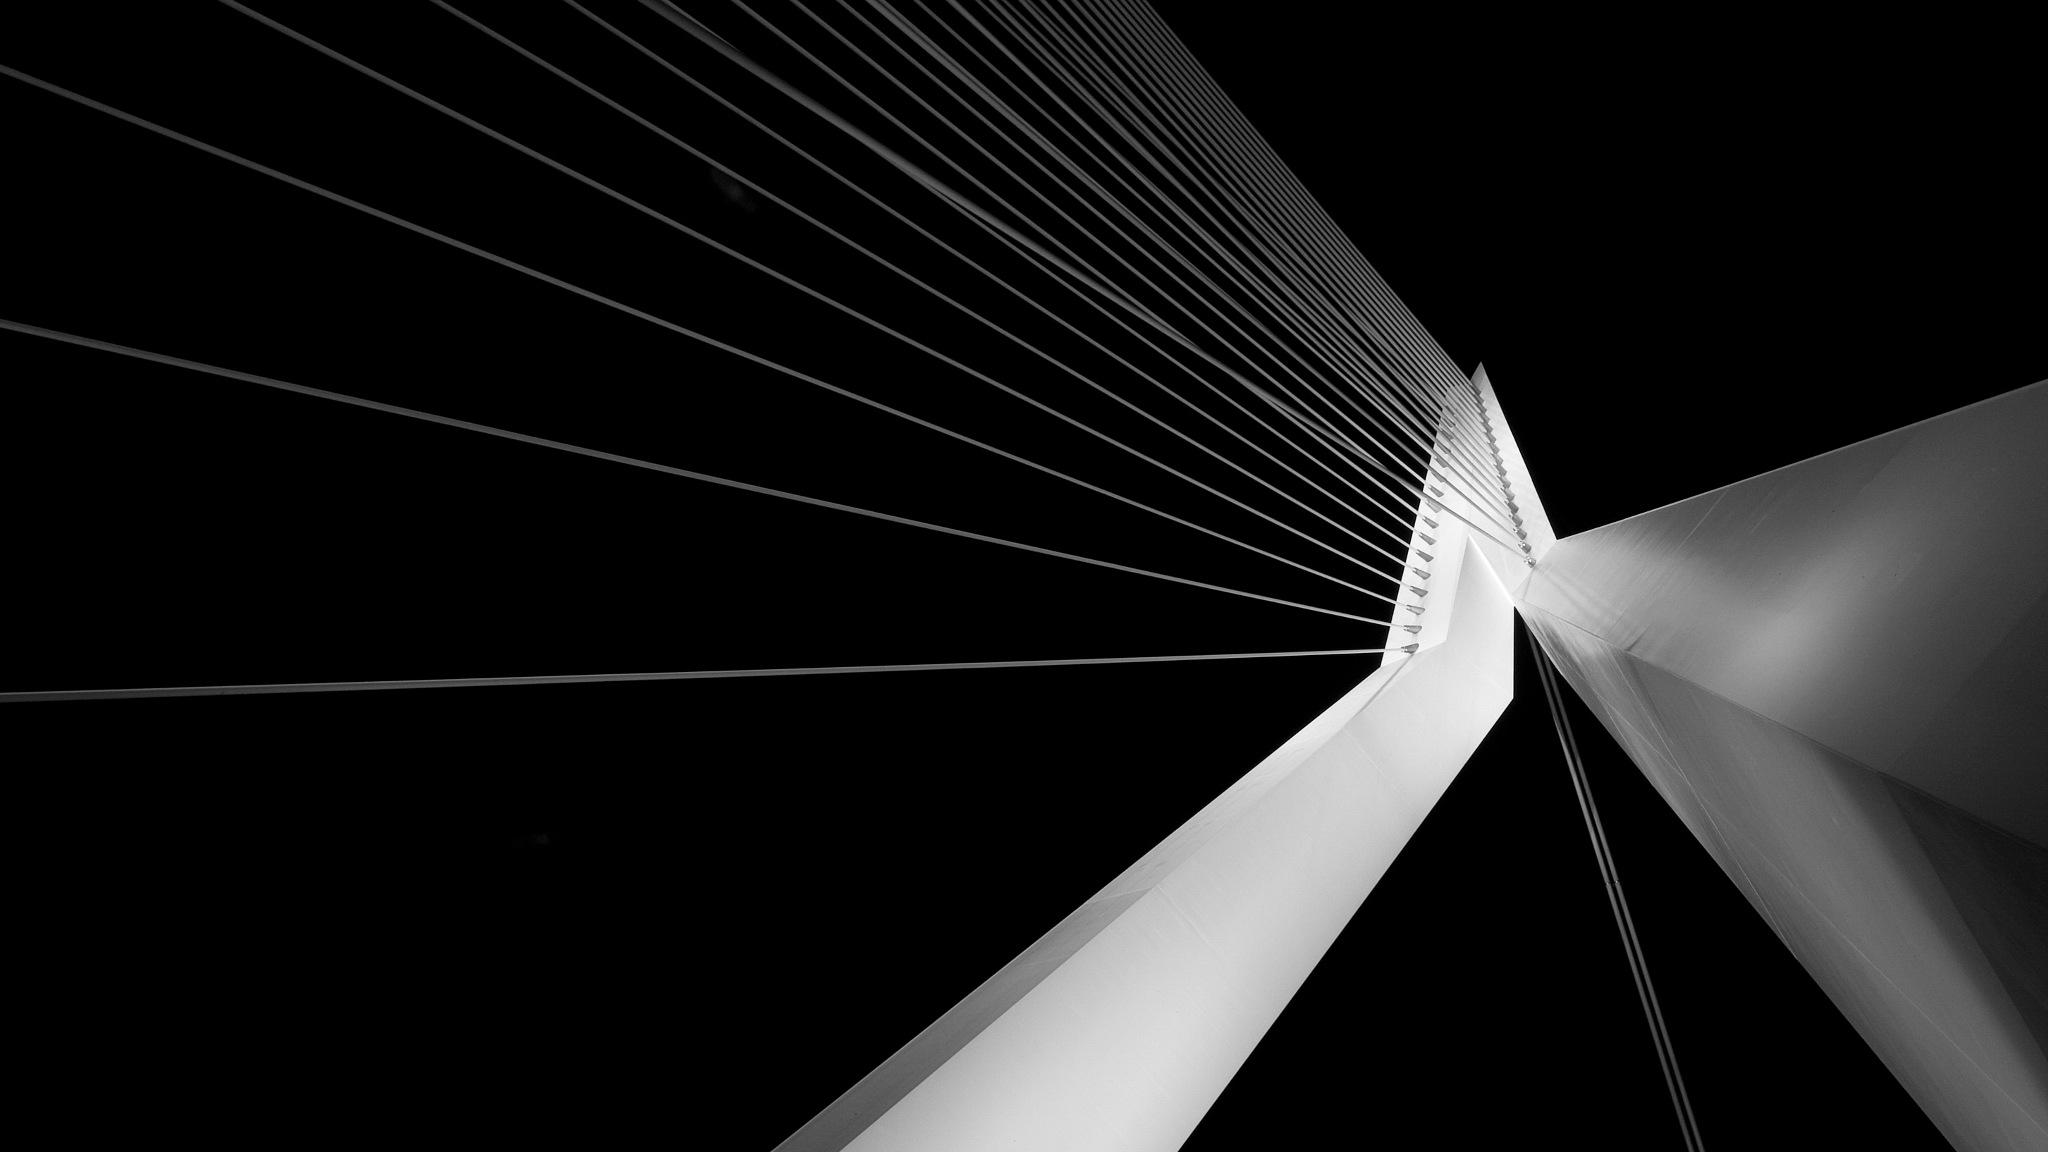 Erasmus bridge ... by Alex Verweij